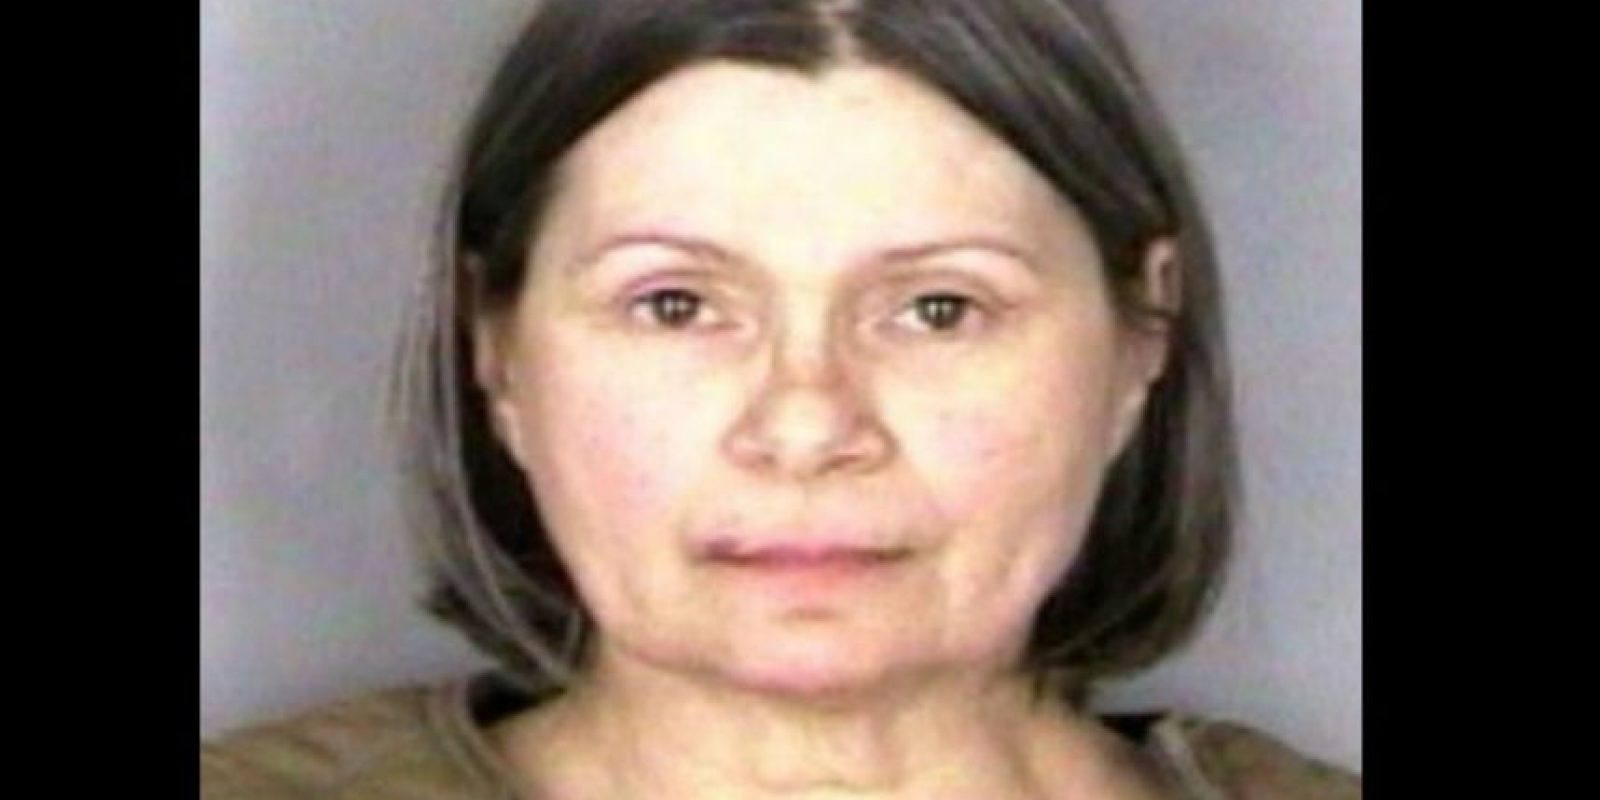 Carolyn Di Matteo, de 63 años, admitió que asesinó a su marido de un tiro en el pecho. Foto:Marion County Sheriff's Office